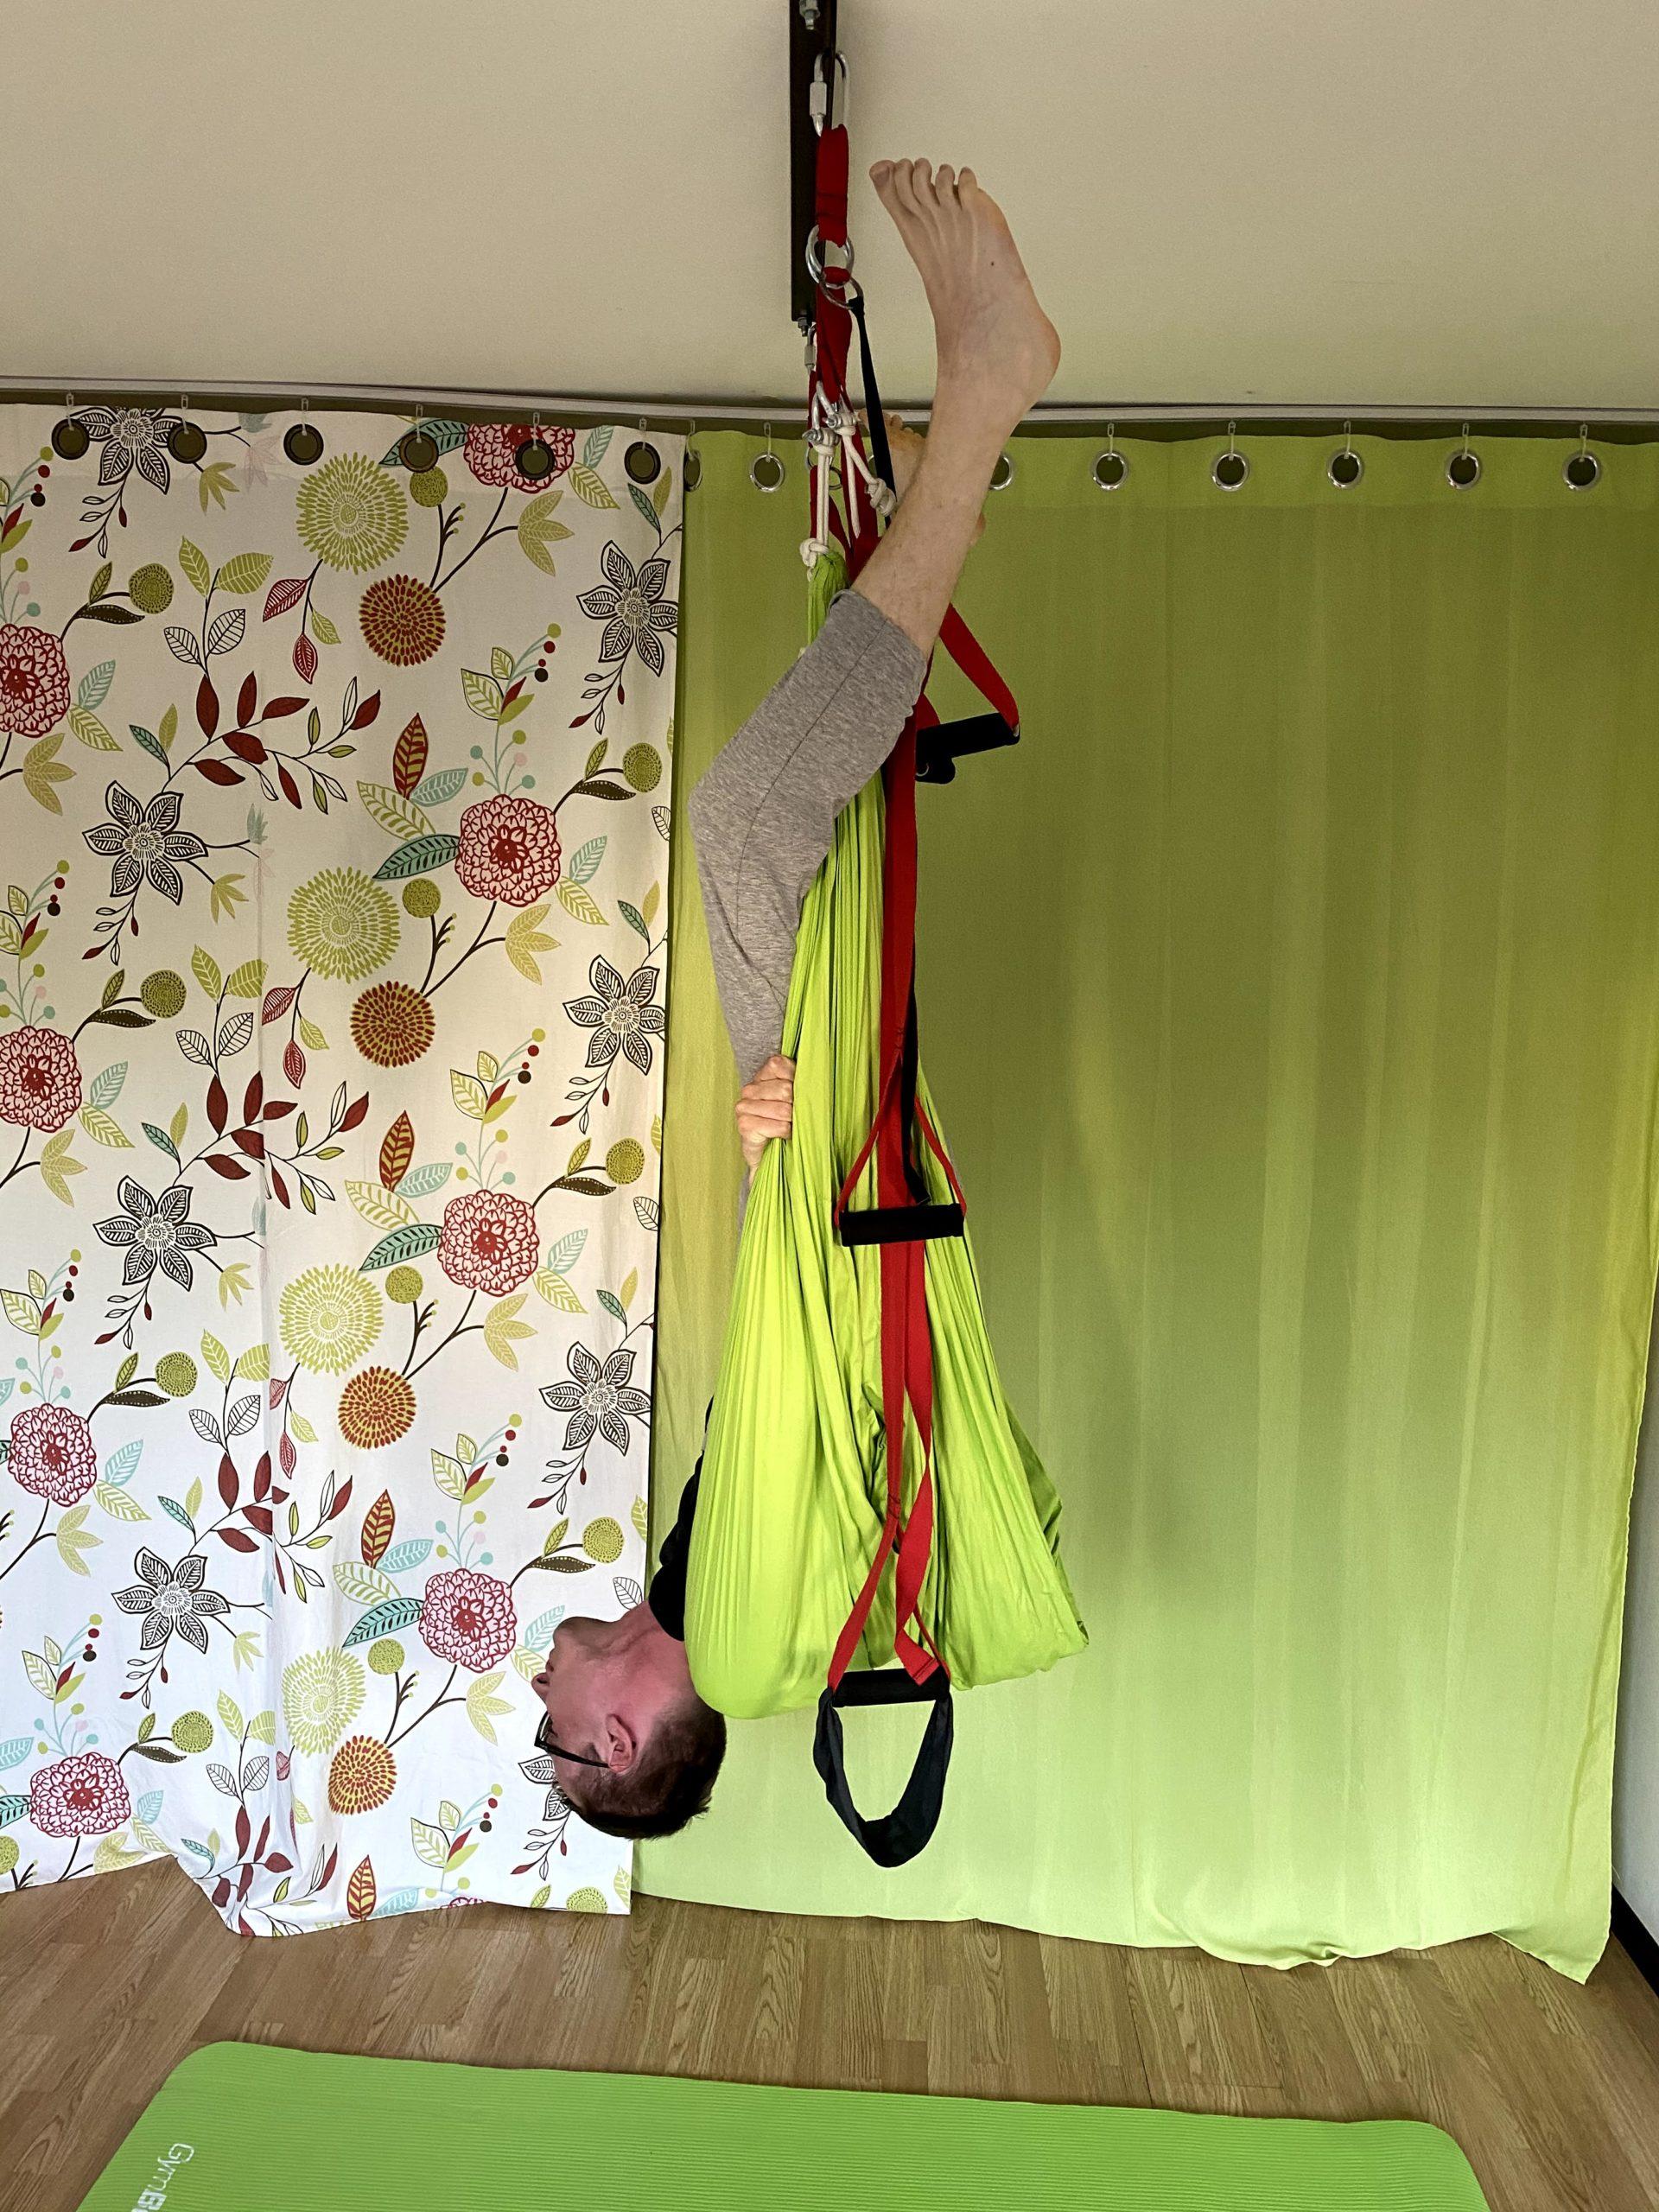 Aerial Yoga Sicherheitshinweise